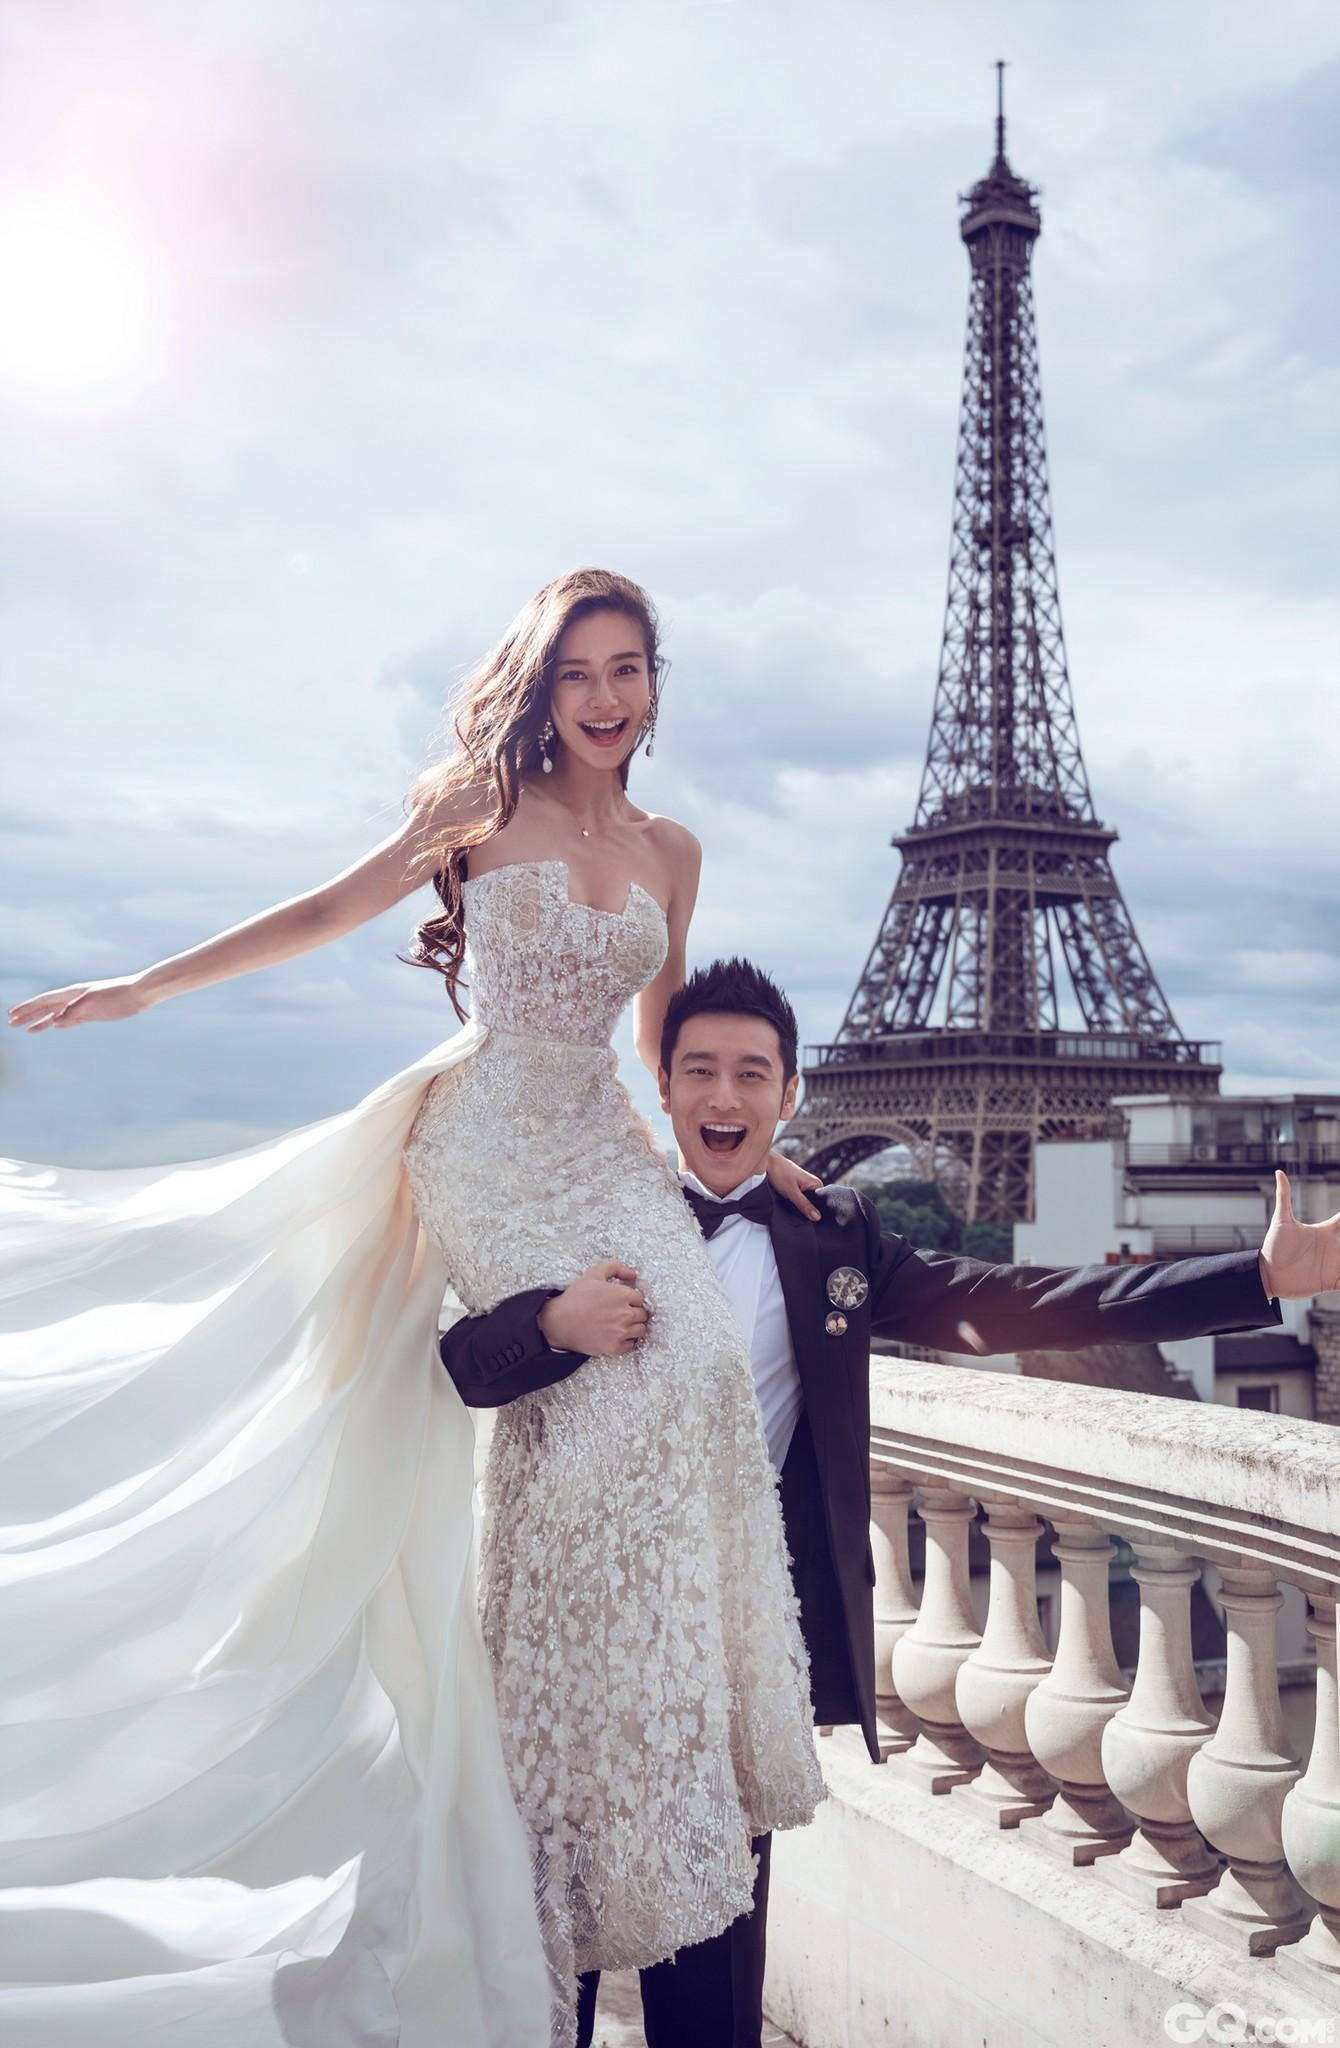 黄晓明与Angelababy将在全民瞩目下于上海展览中心举行梦幻婚礼。8日上午,网上提前曝光一组二人在法国拍摄的唯美婚纱照。在埃菲尔铁塔的见证下,黄晓明和Angelababy甜蜜拥吻,浪漫指数破表。